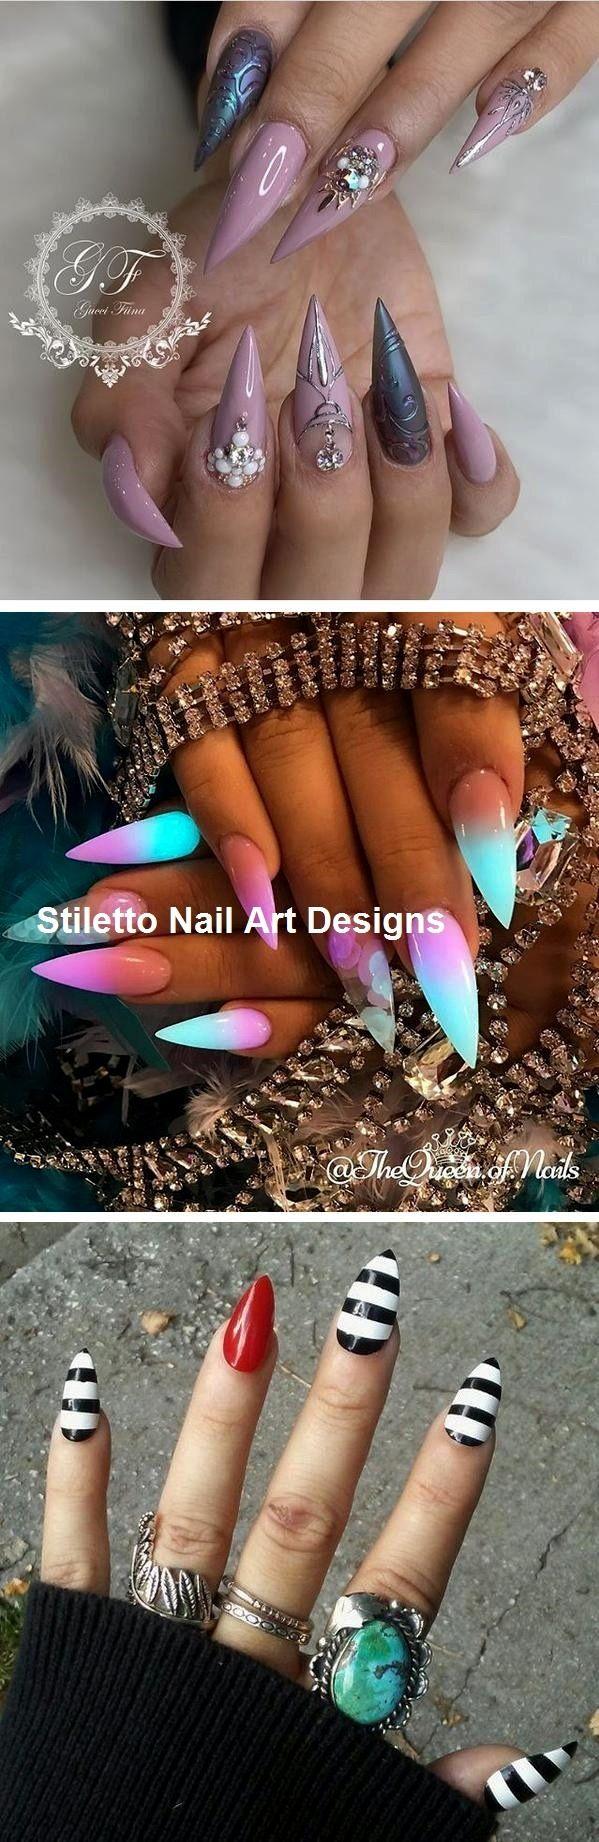 30 große Stiletto Nail Art Design-Ideen # Stilettonails – Künstliche fingernägel